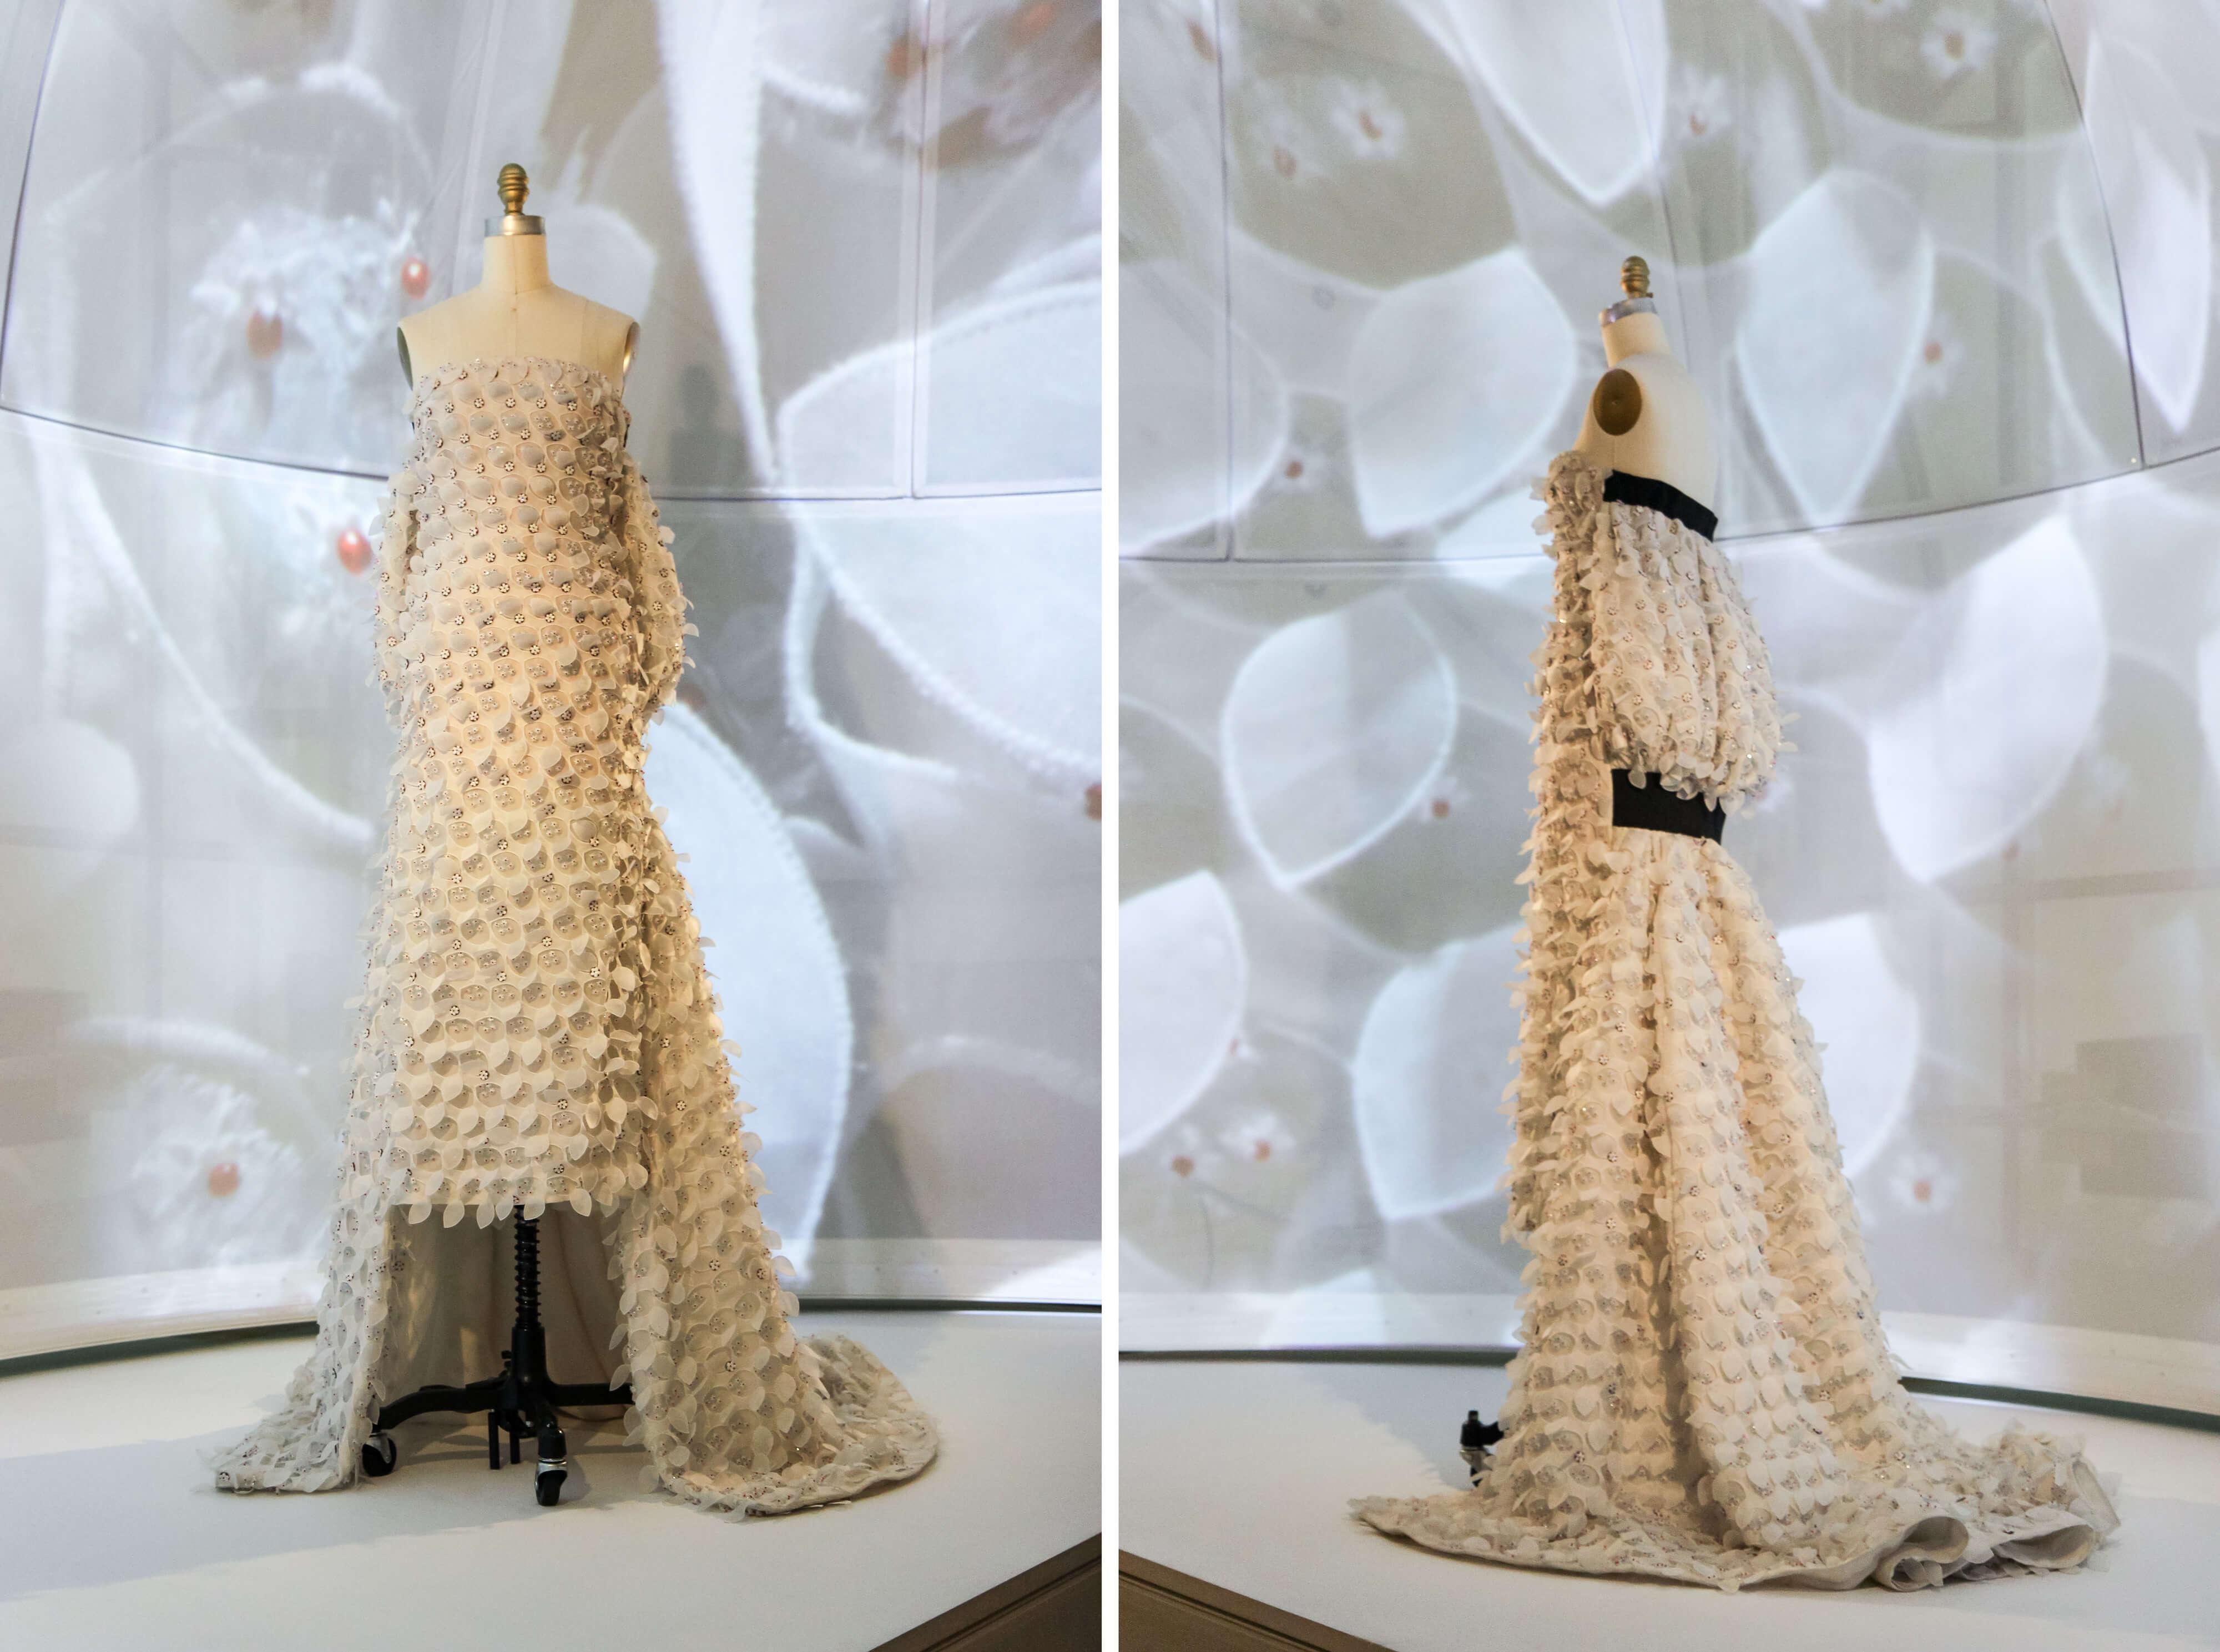 met-museum-costume-exhibition-manus-x-machina-3744